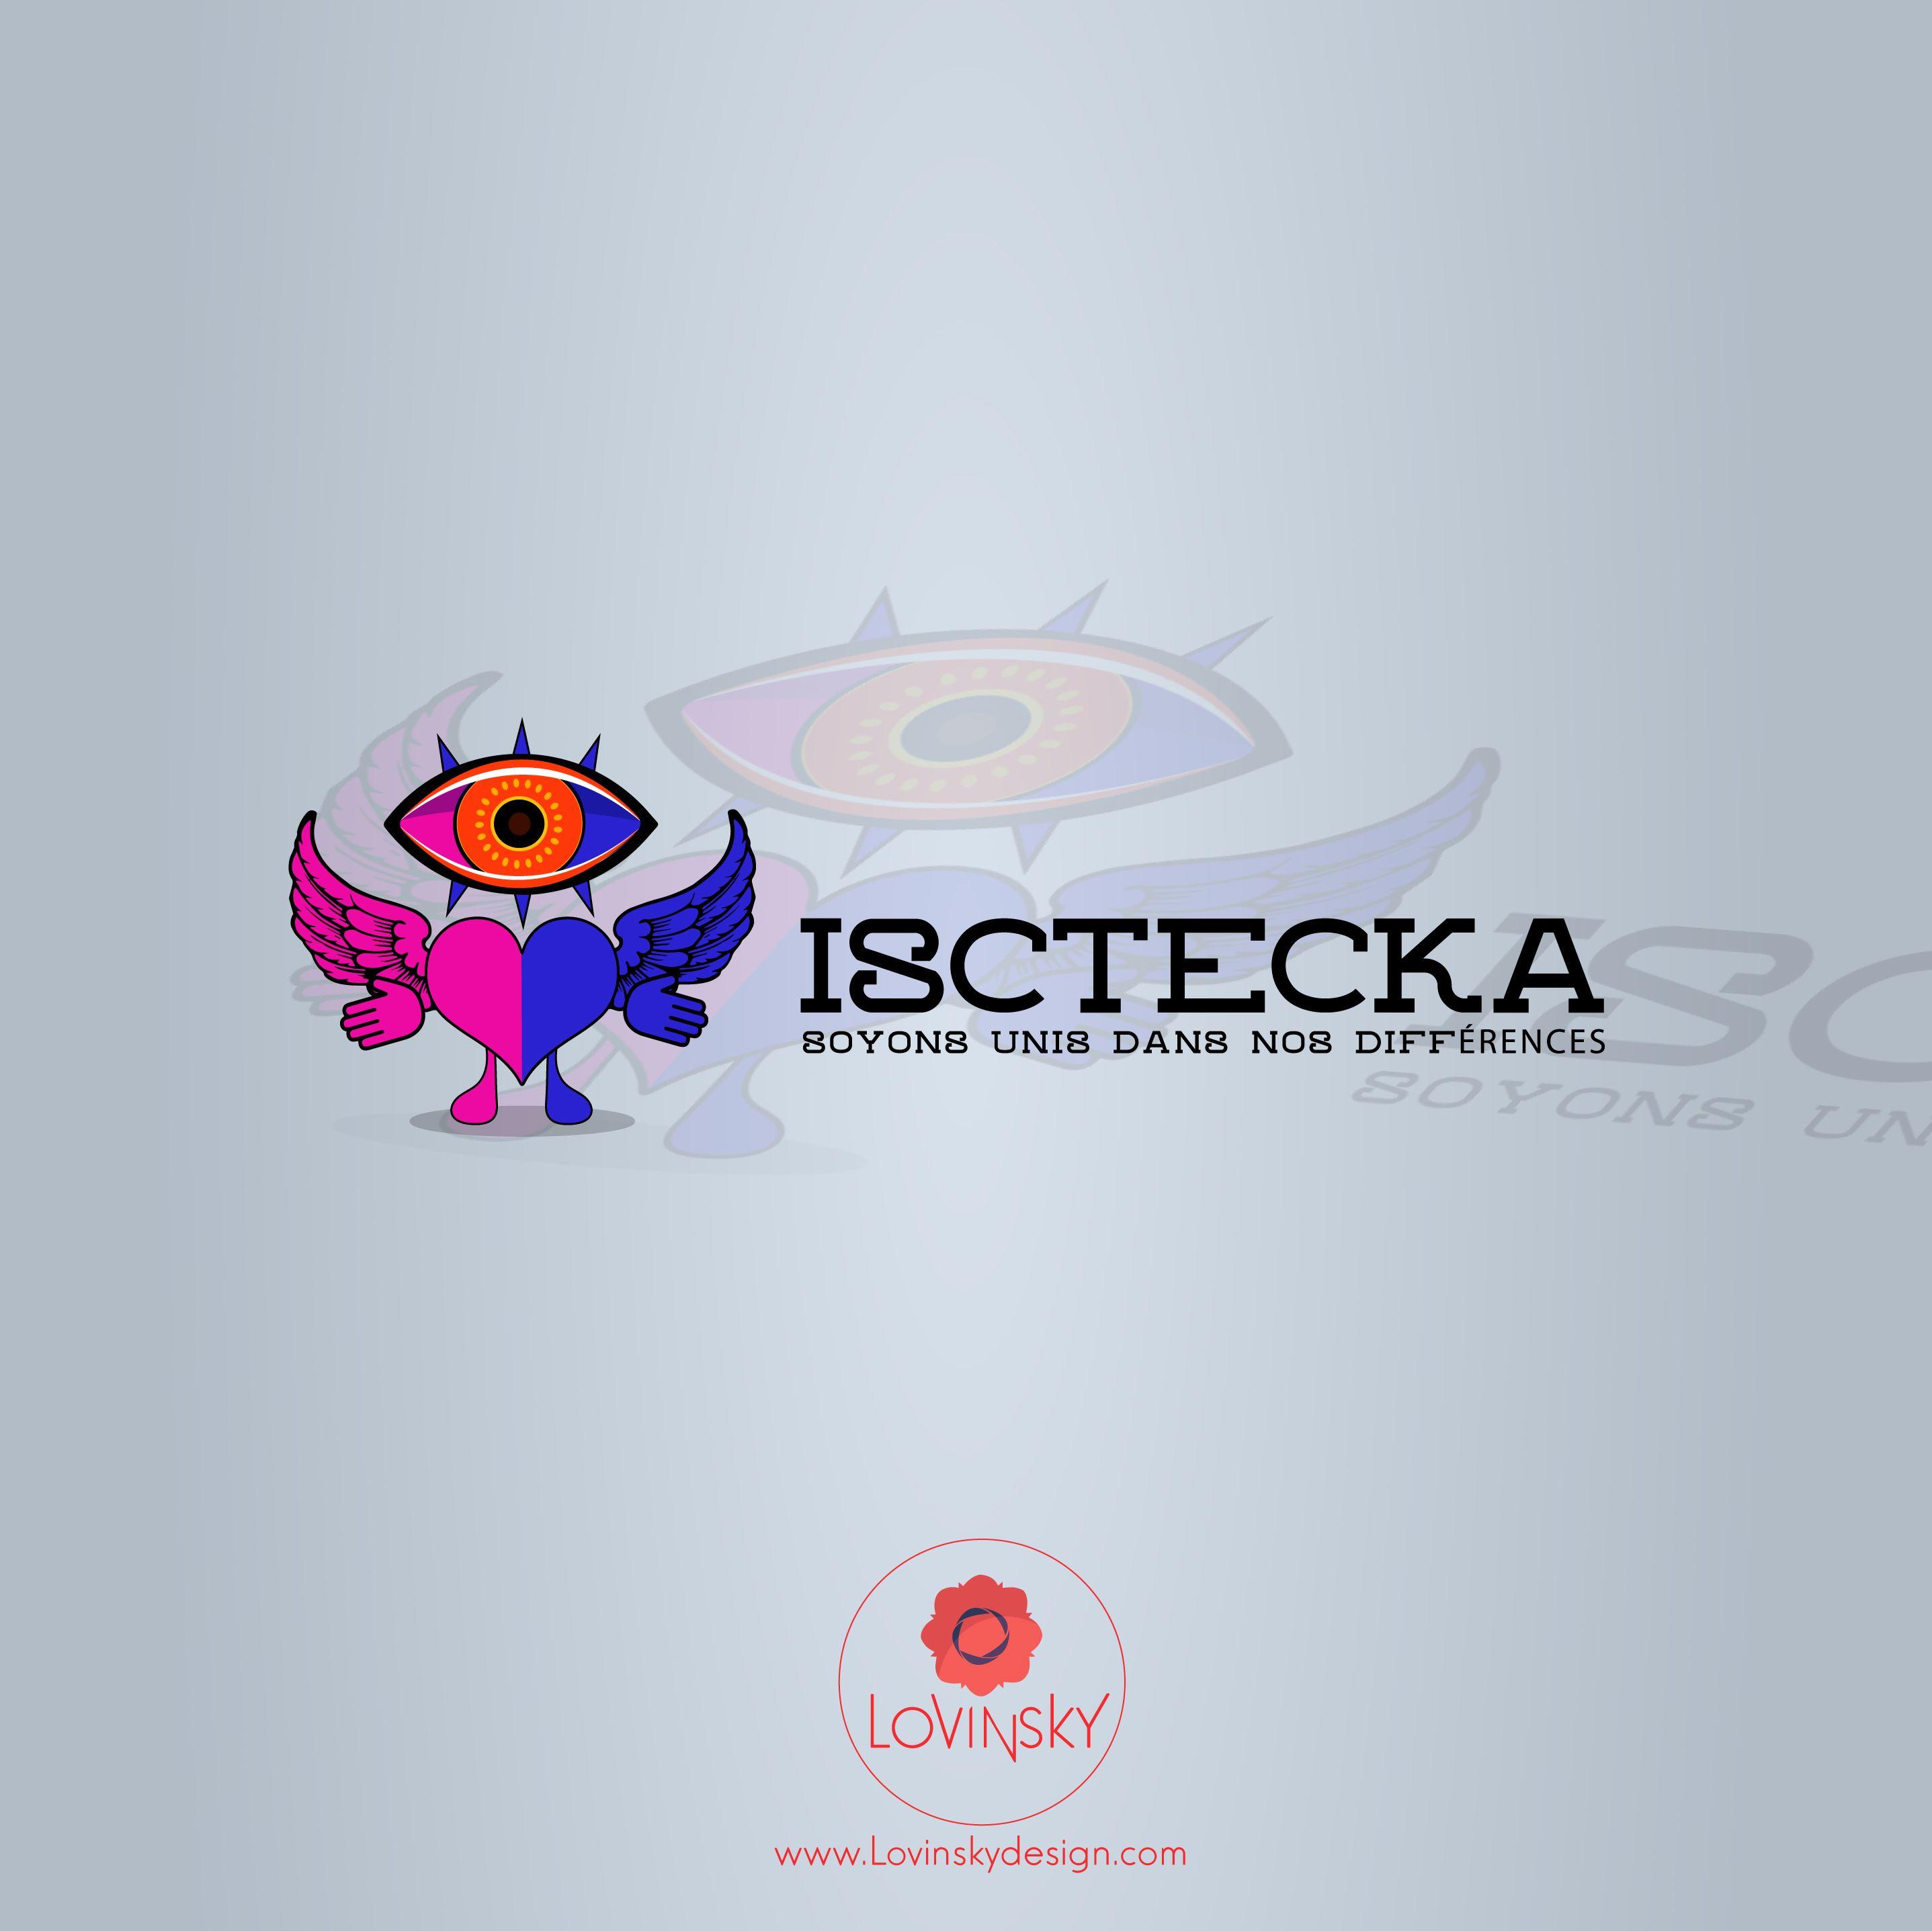 astecka logo lovinsky graphiste webdesigner freelance nantes 44